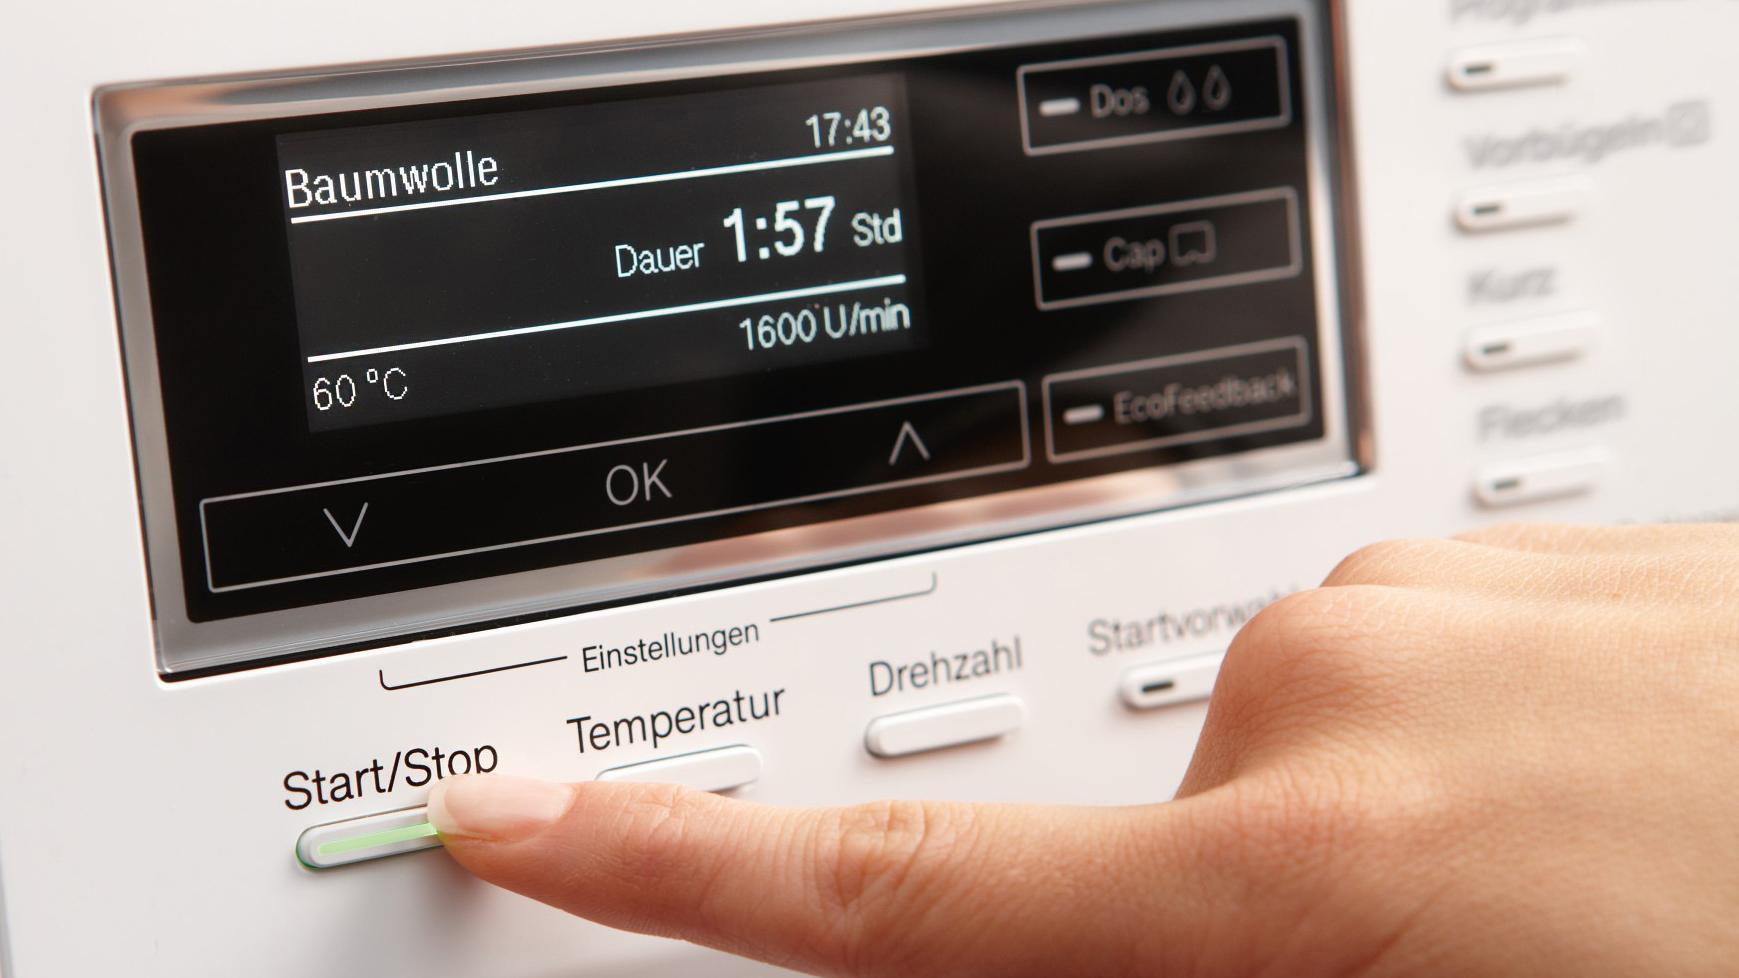 Bomull er verdens mest brukte vaskeprogram, men om du drister deg ut på andre programmer som følger med maskinen, kan det være bra for lommeboken og tøyet.